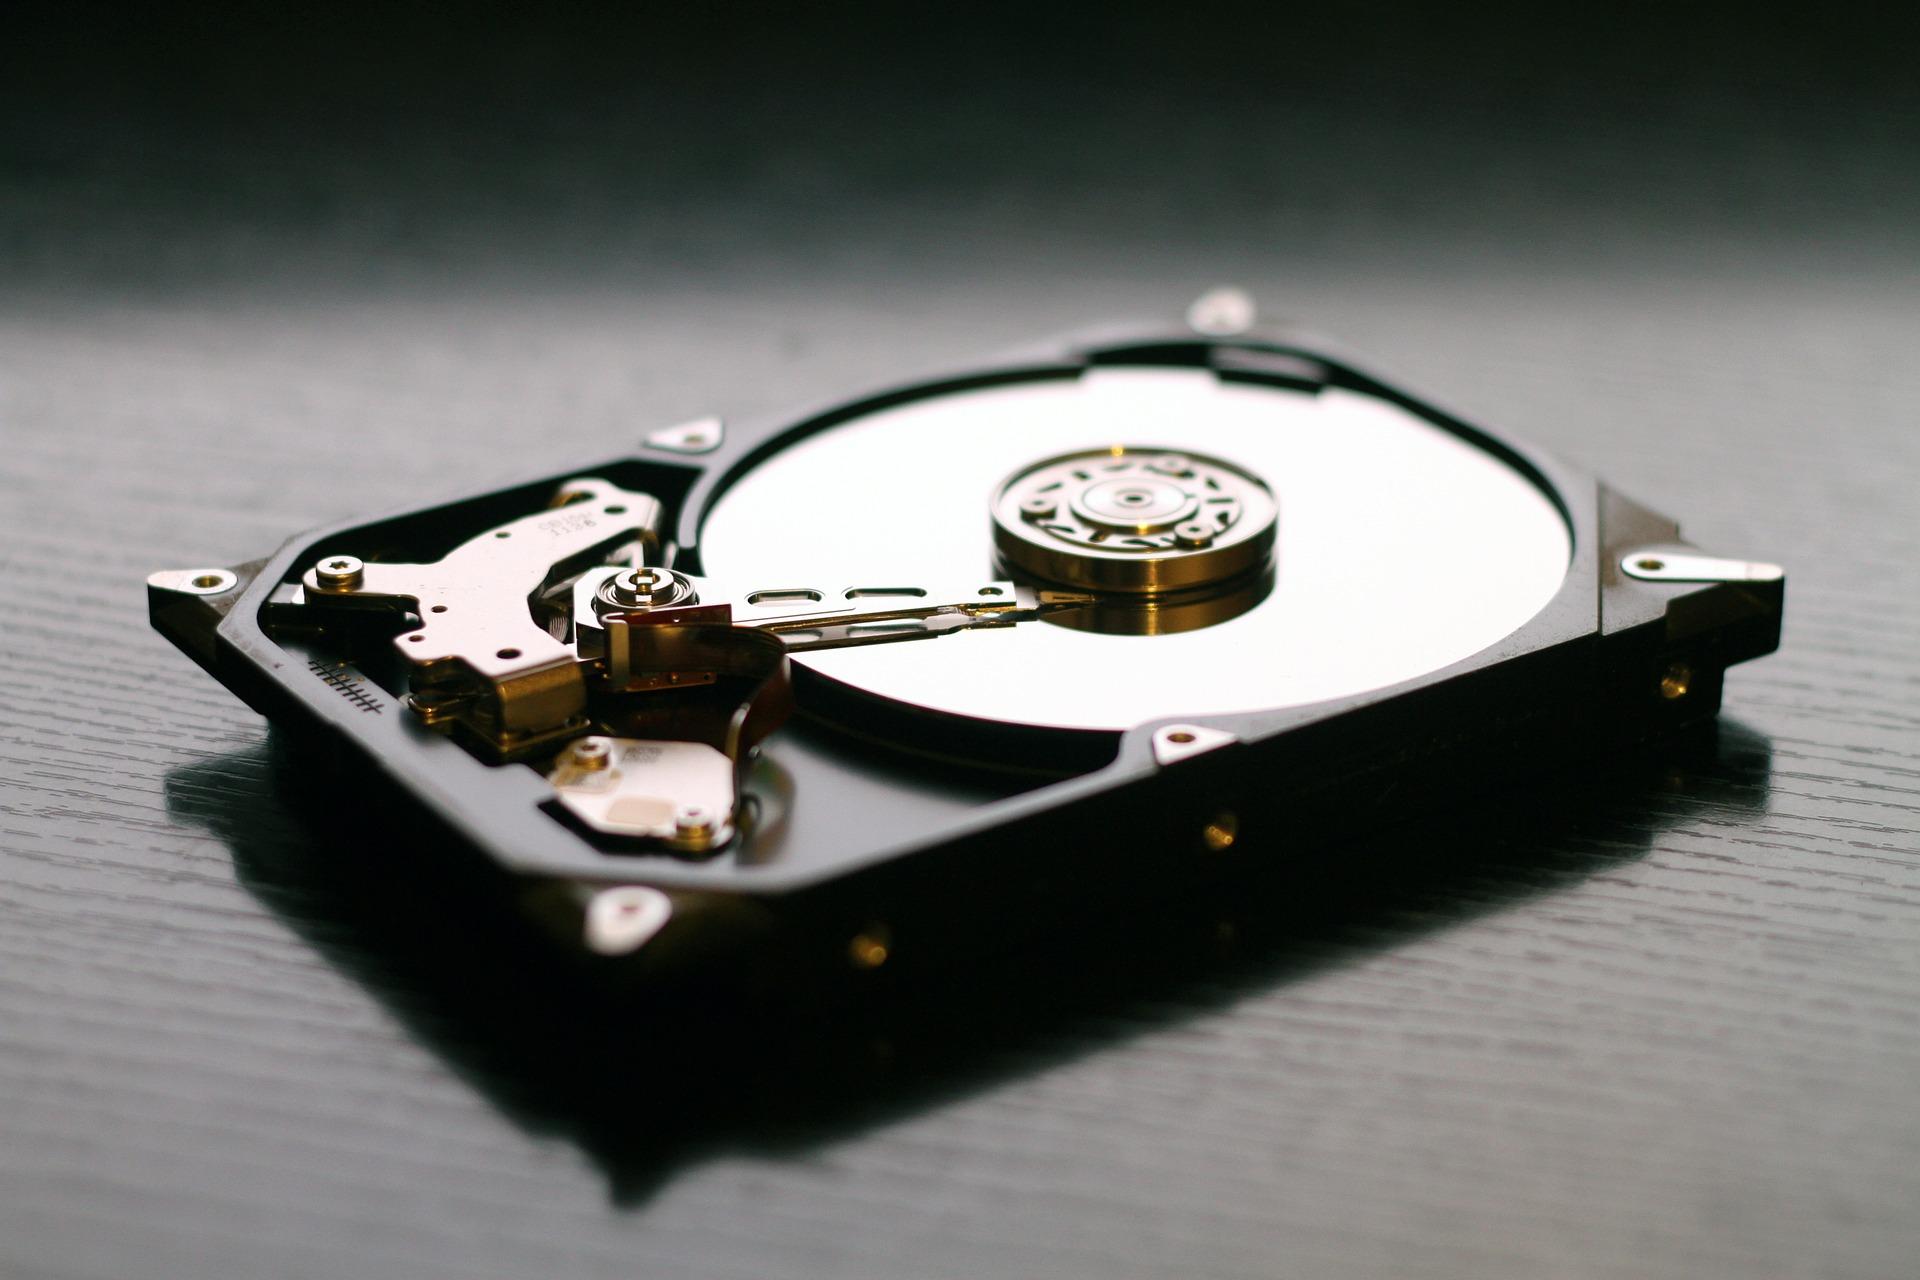 Dysk SSD – wysoka jakość, w którą warto zainwestować